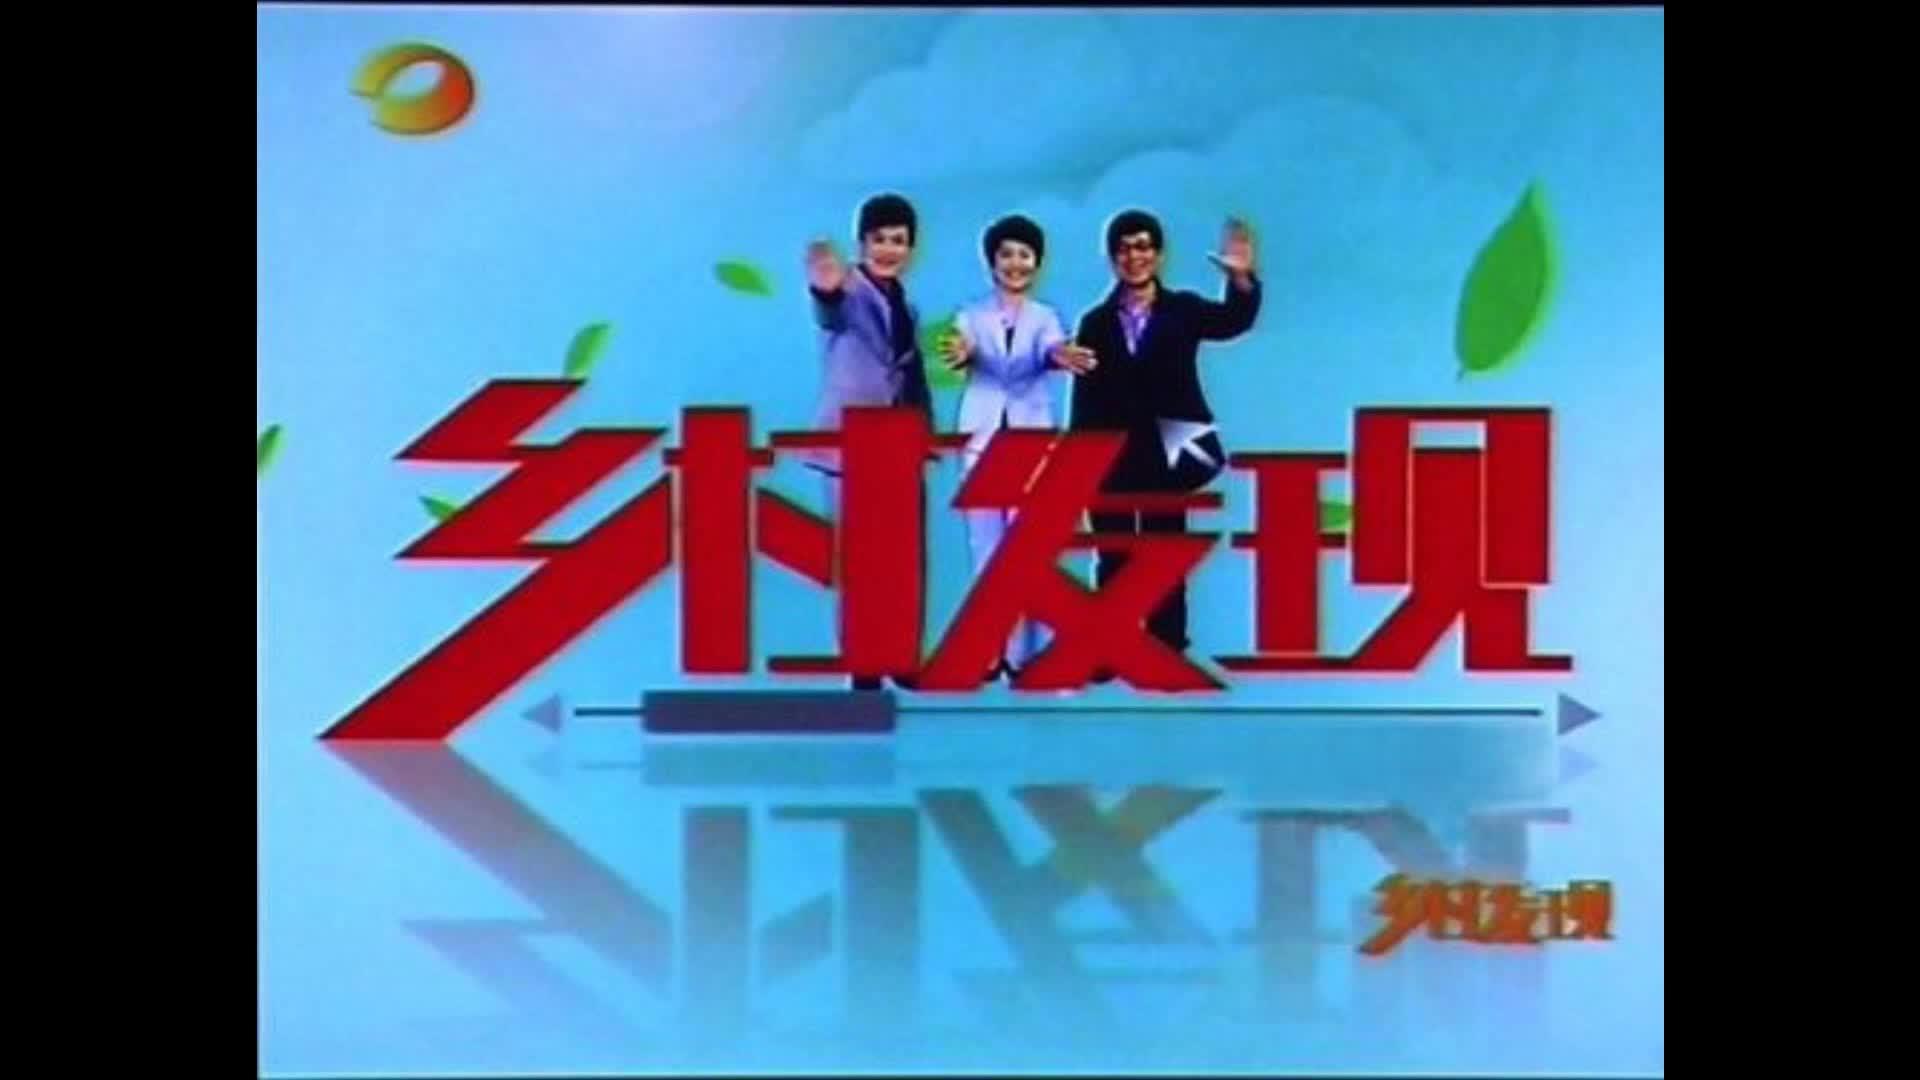 湖南卫视报道贝博体育公司保健养猪